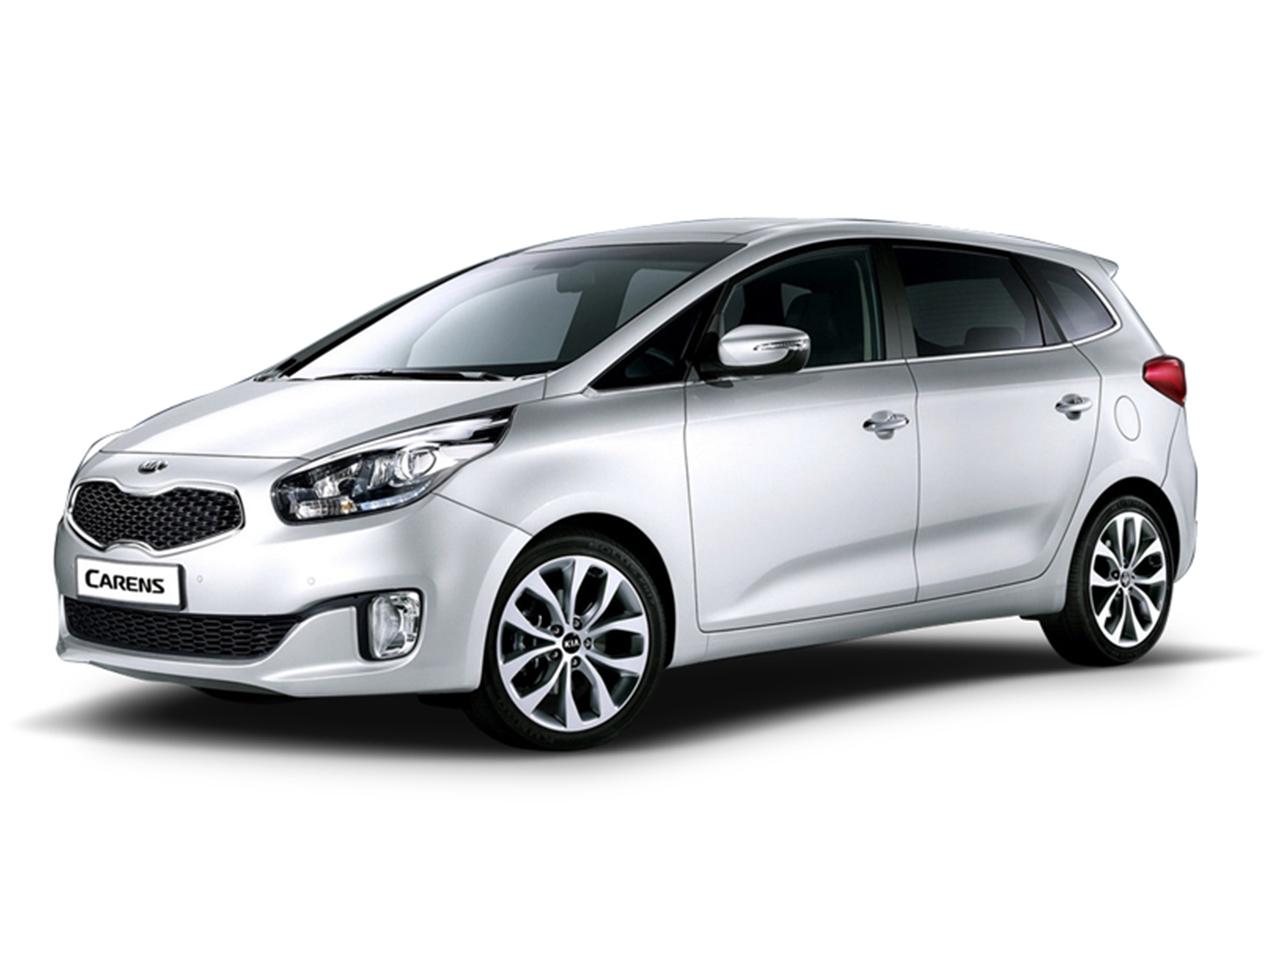 Kia Cars  Price In Uae